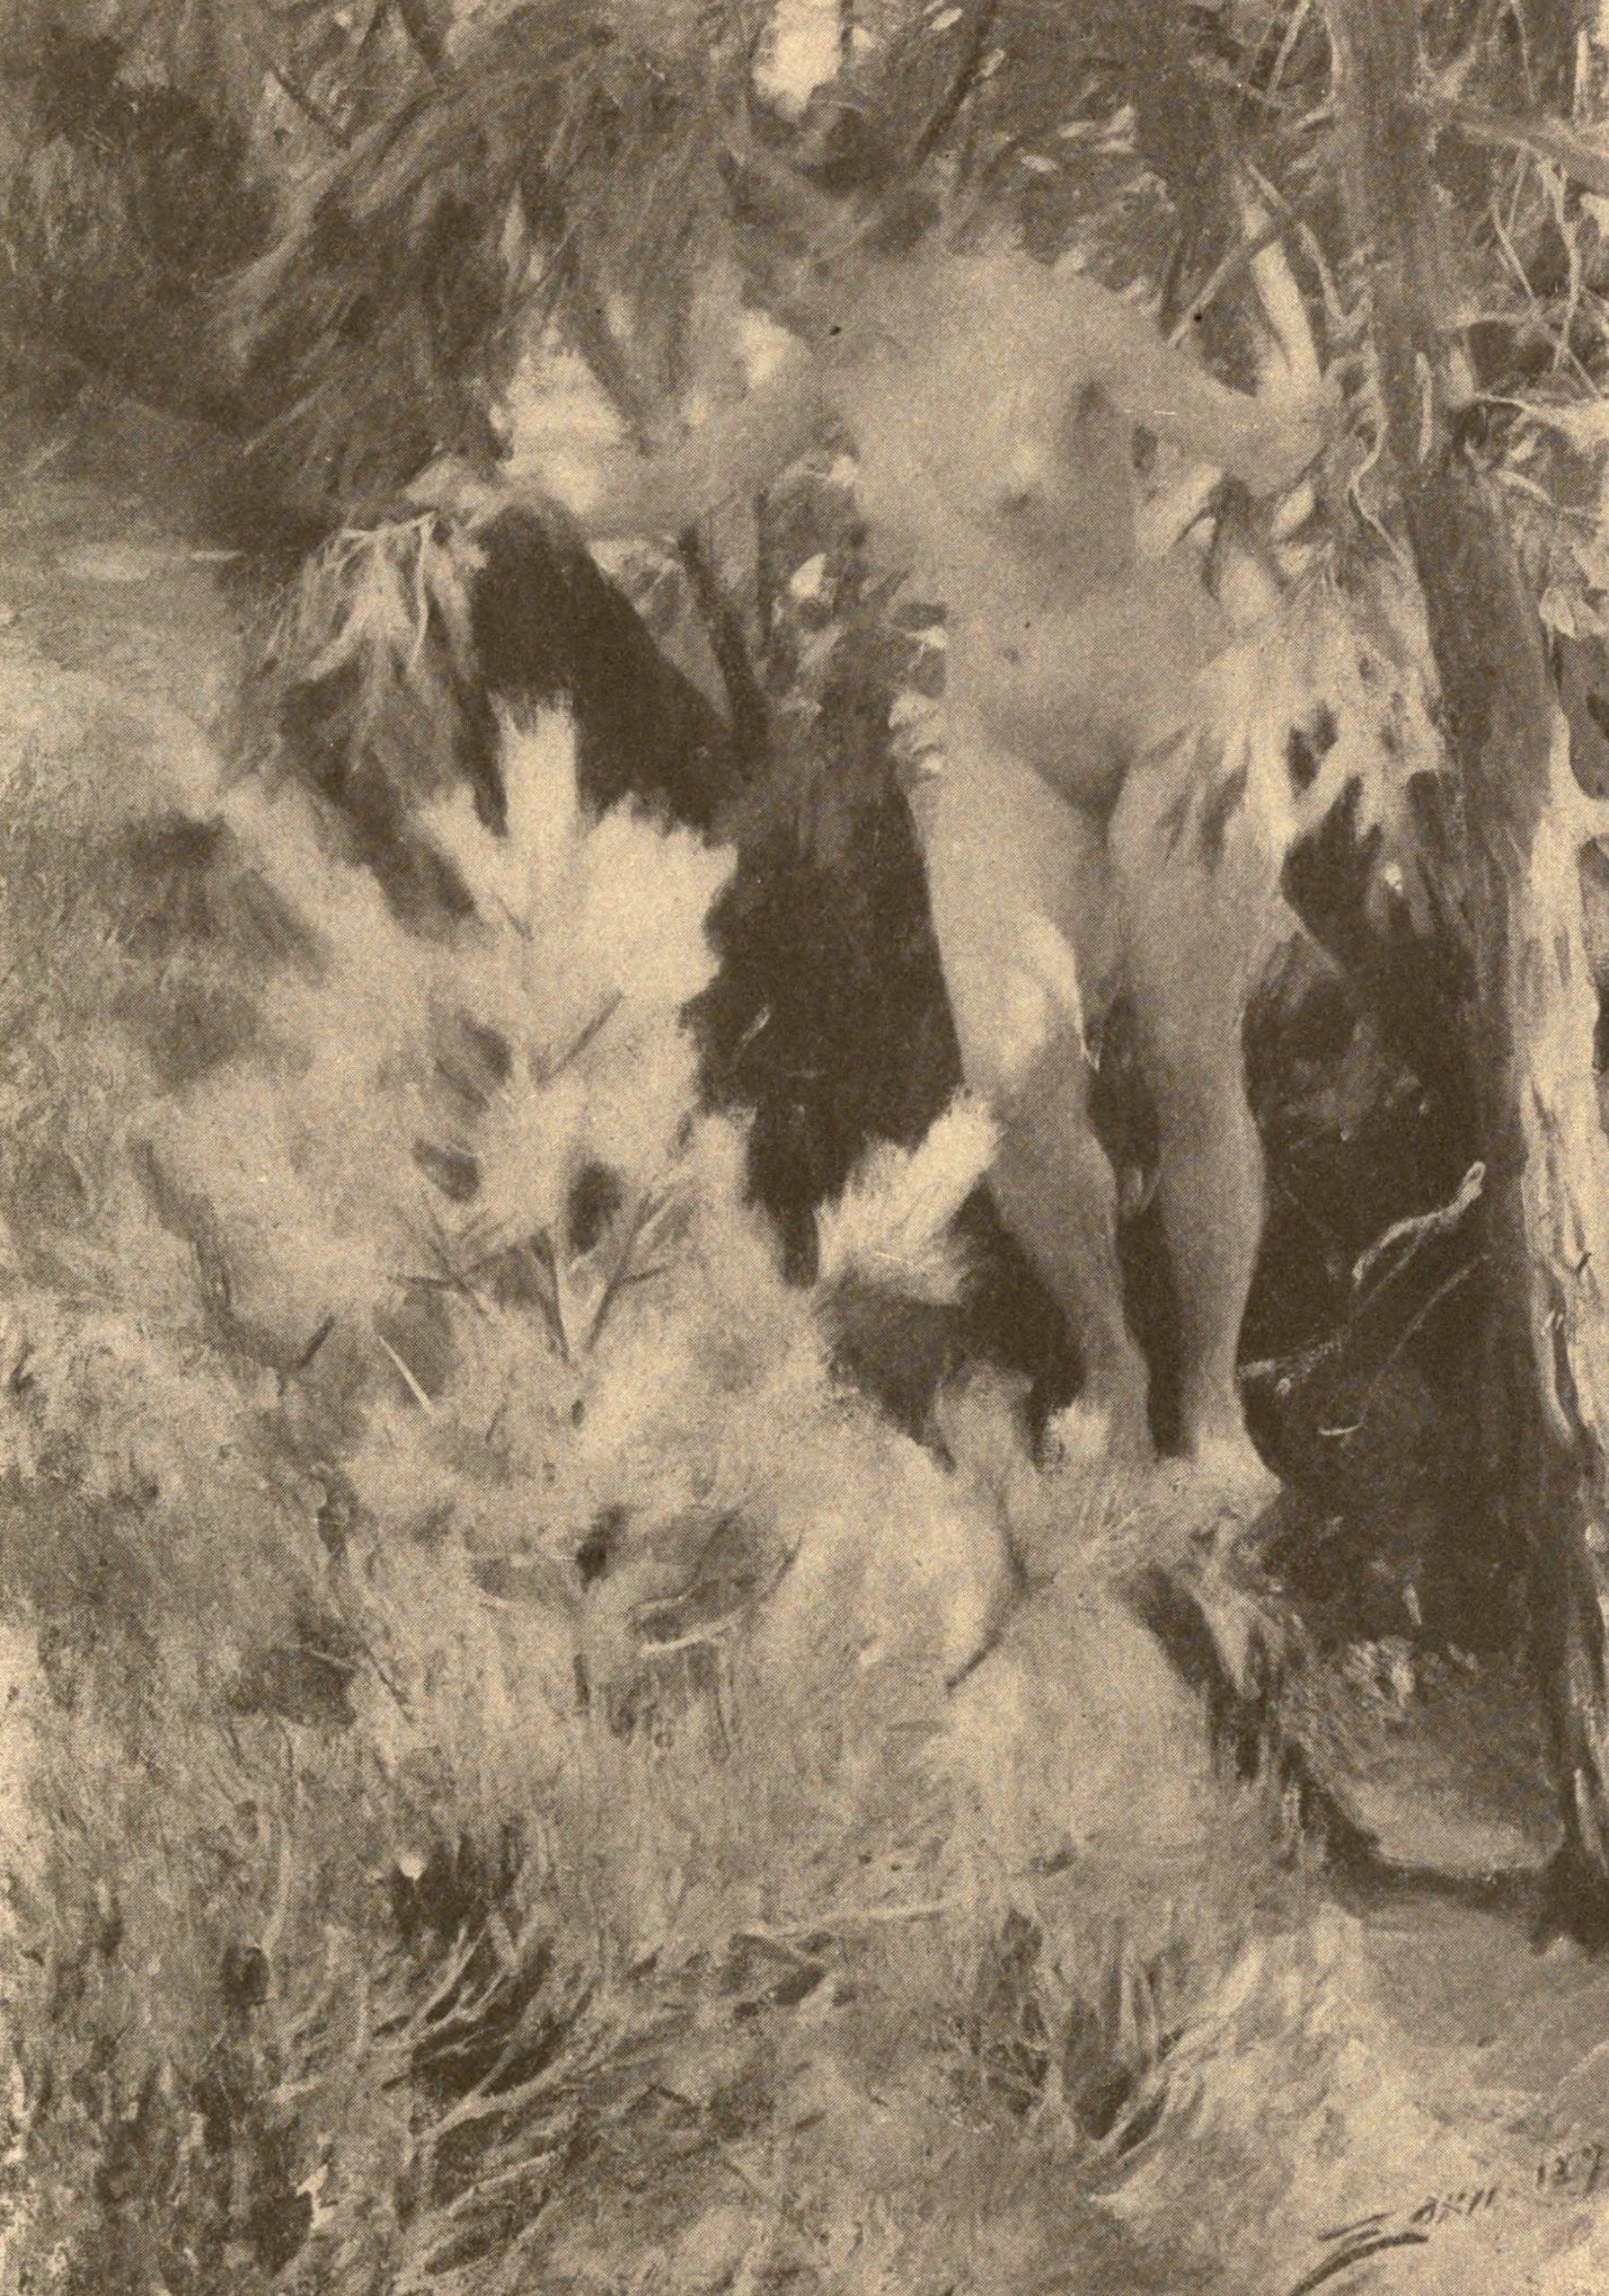 naked boys Vintage nude